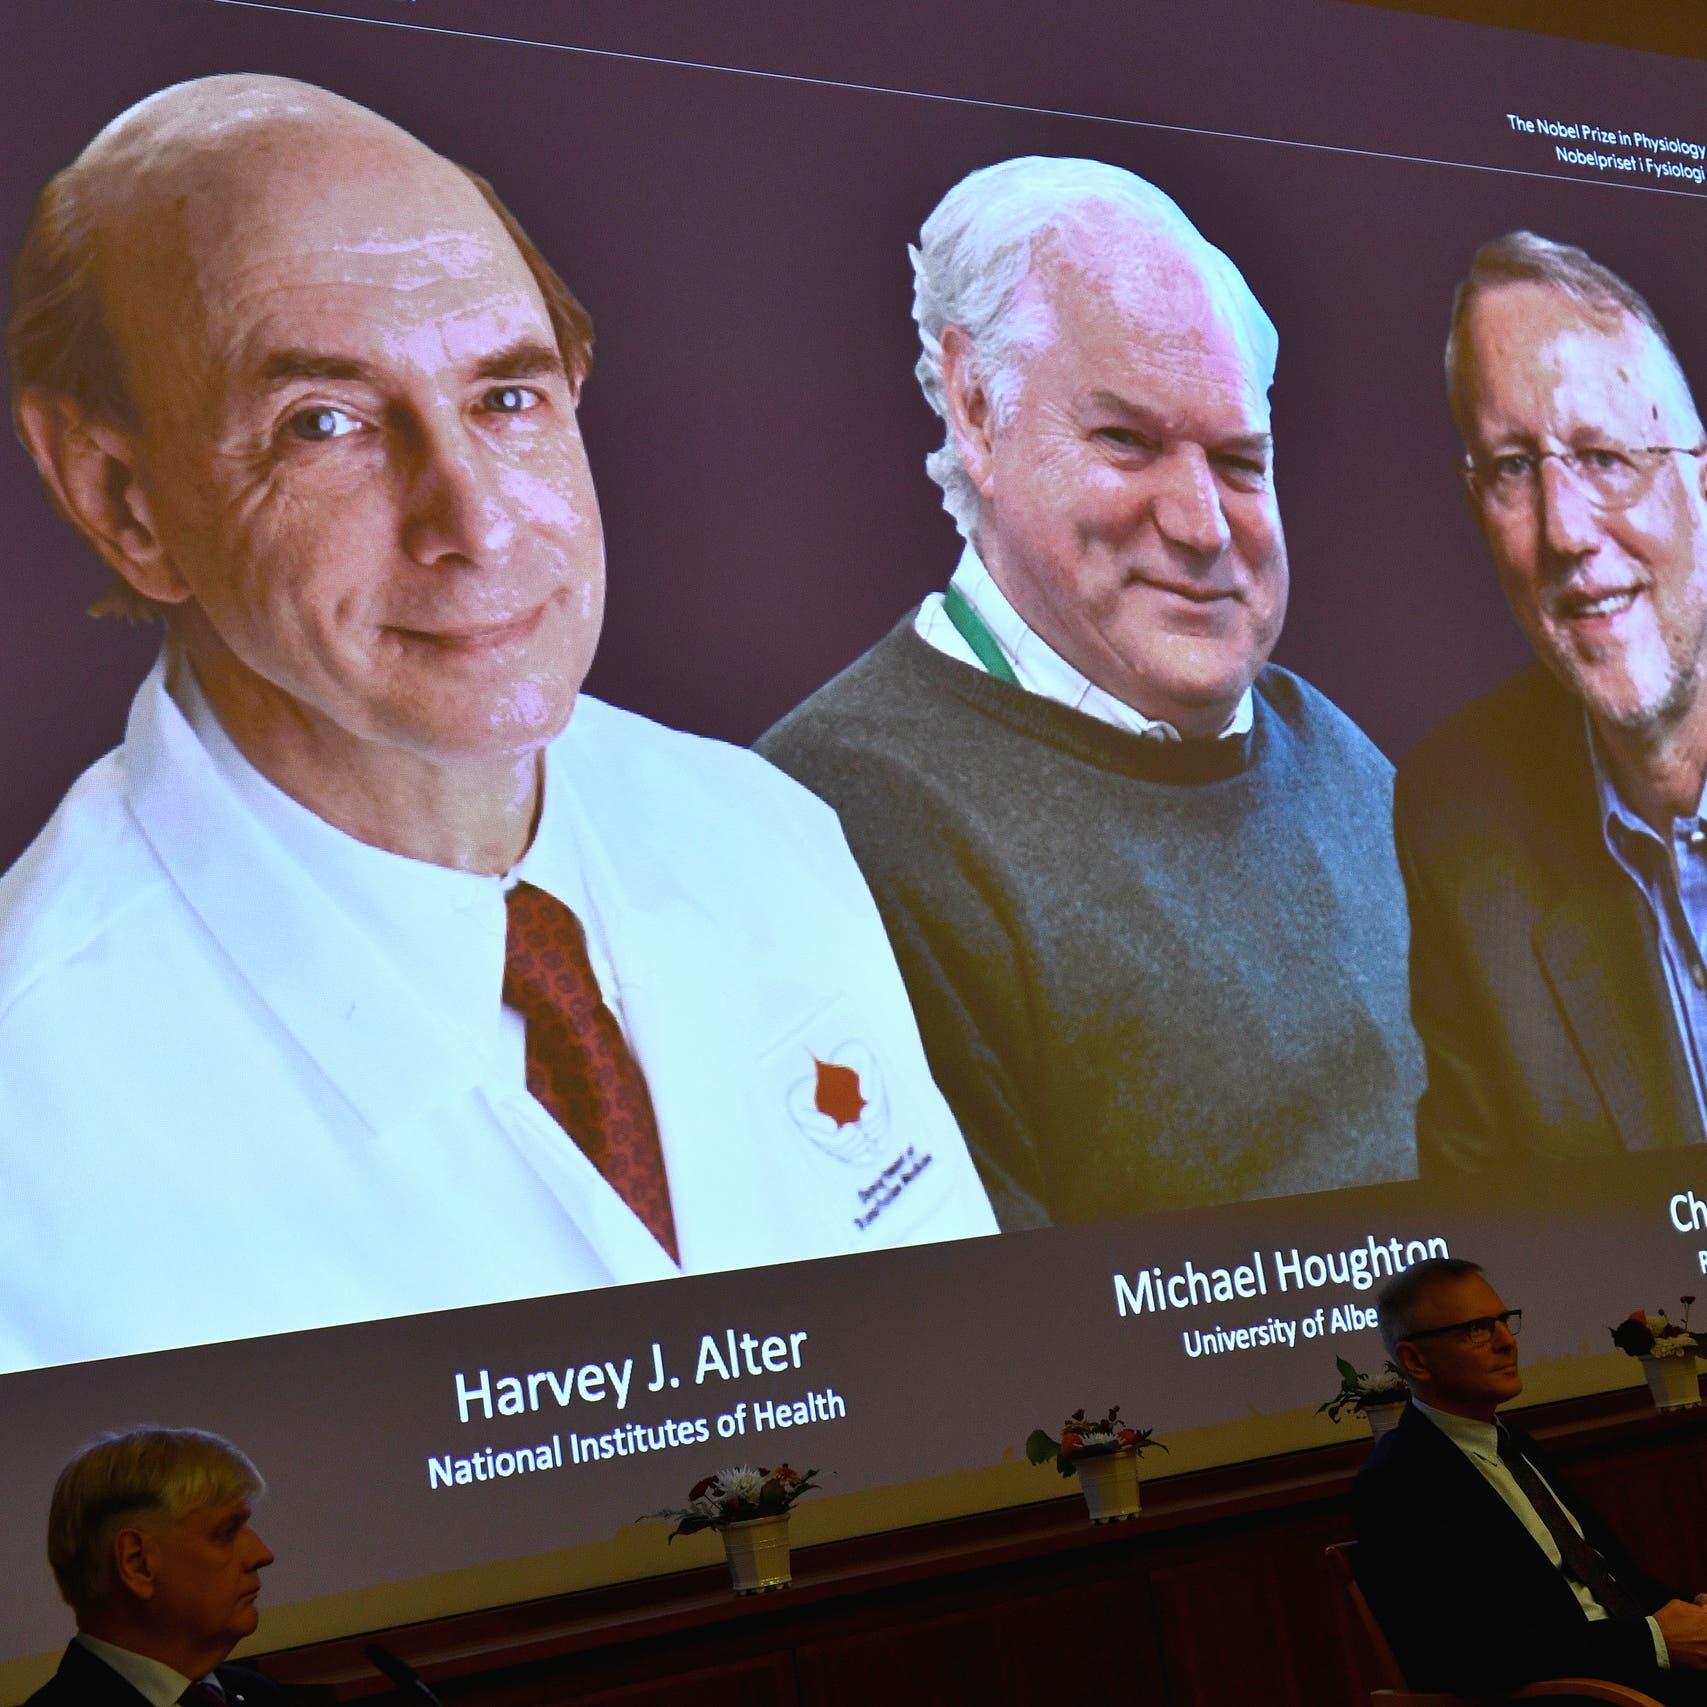 نوبل من نصيب 3 أطباء لدورهم بكشف فيروس الكبد الوبائي